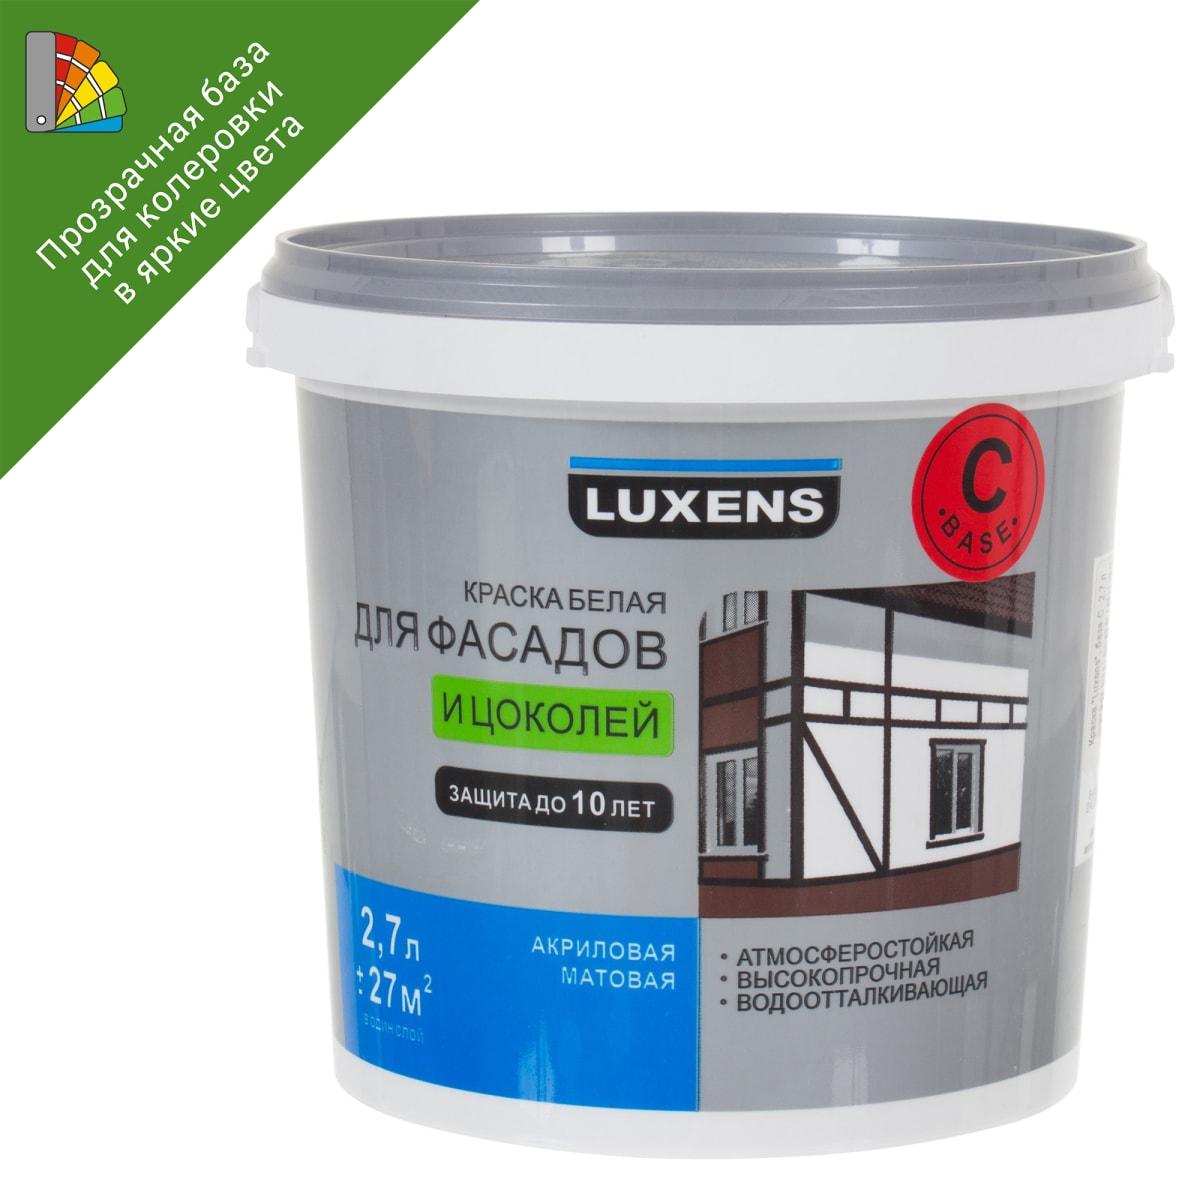 Краска для колеровки для фасадов и цоколей Luxens, 2.7 л цвет прозрачный